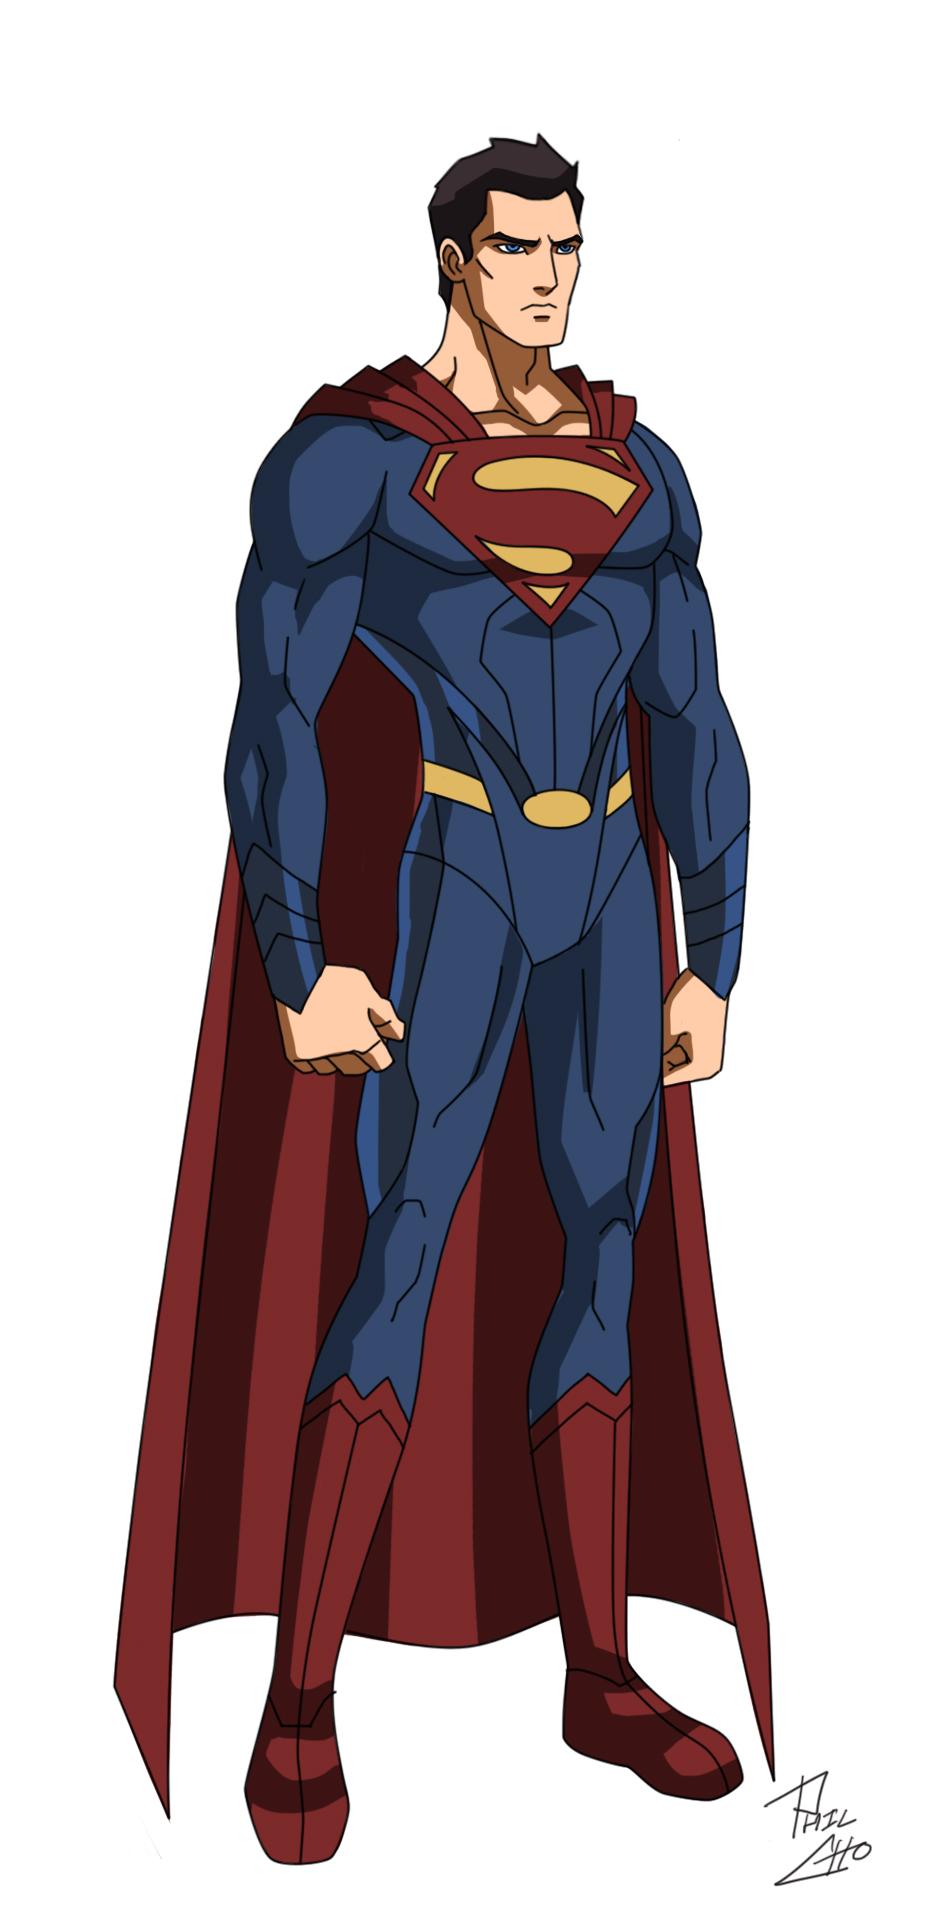 Superman - Fan art